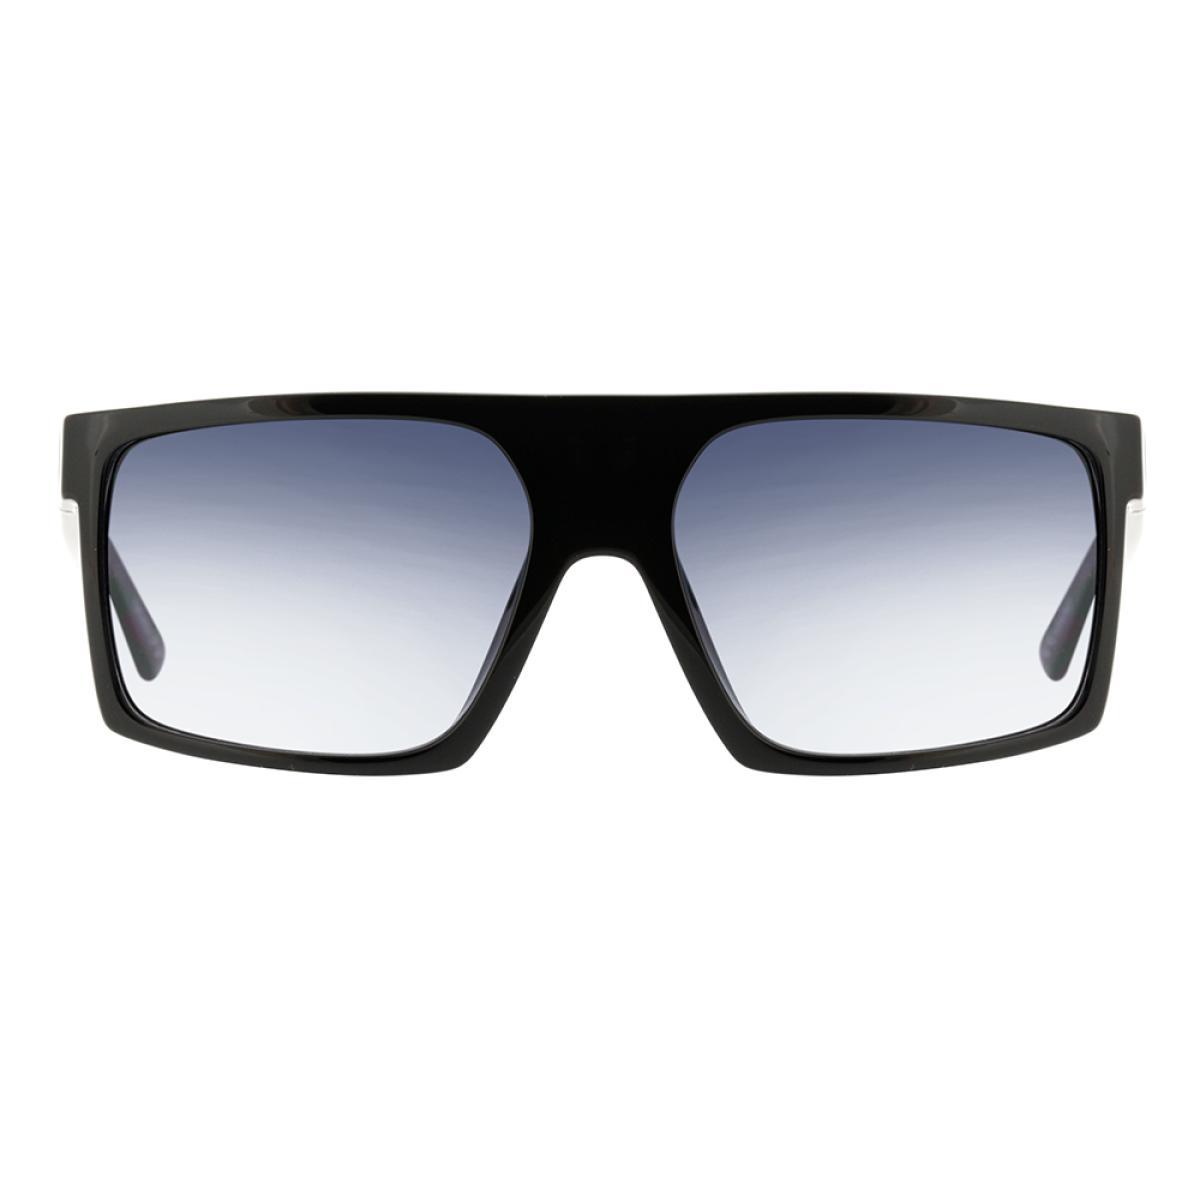 ÓCULOS DE SOL EVOKE SHIFT BIG A01 BLACK SHINE SILVER/ GRAY GRADIENT